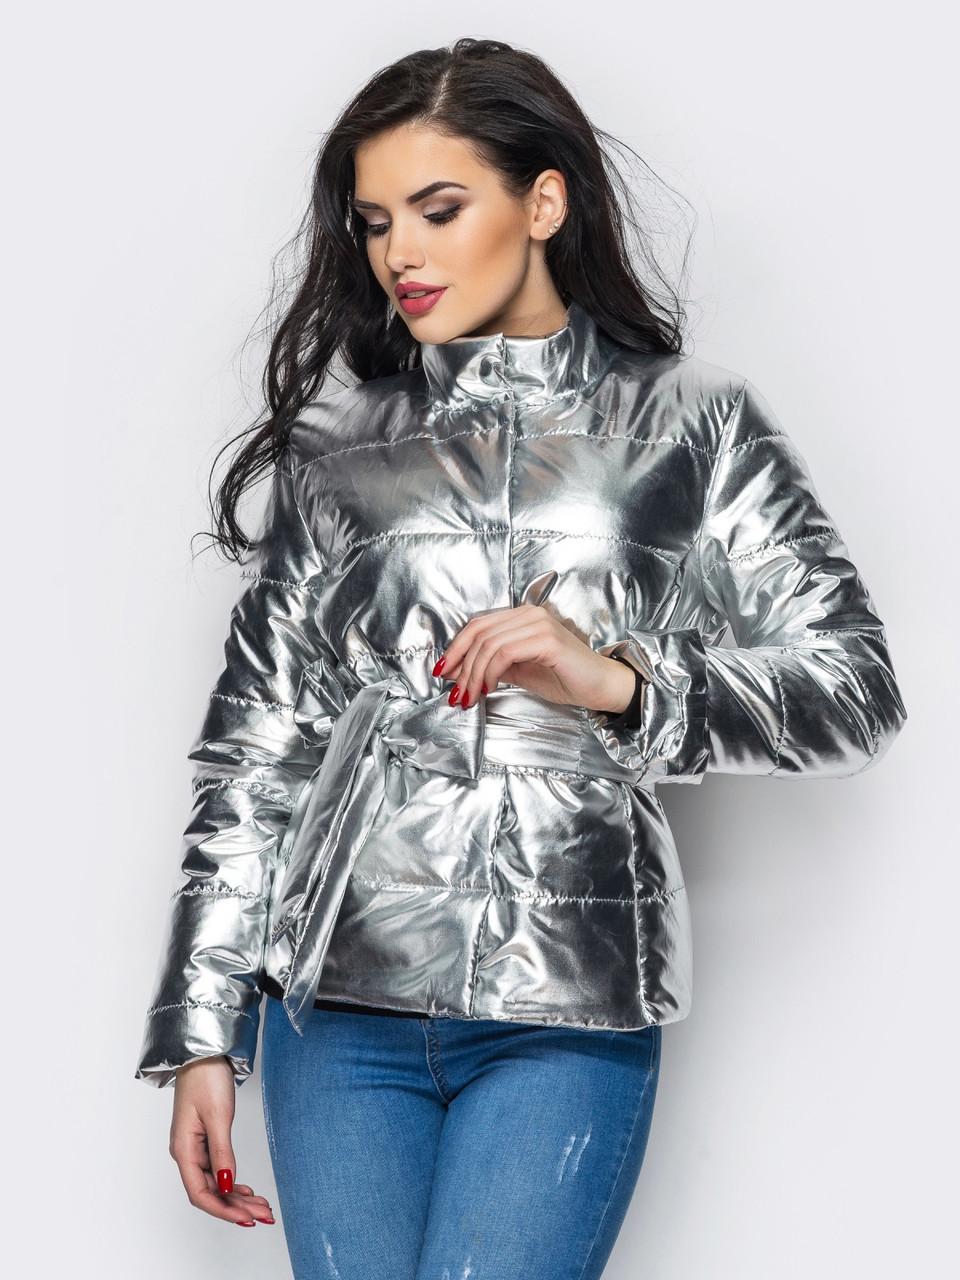 Куртка жіноча демісезонна срібна розмір 40-42 bc041e7fa7471